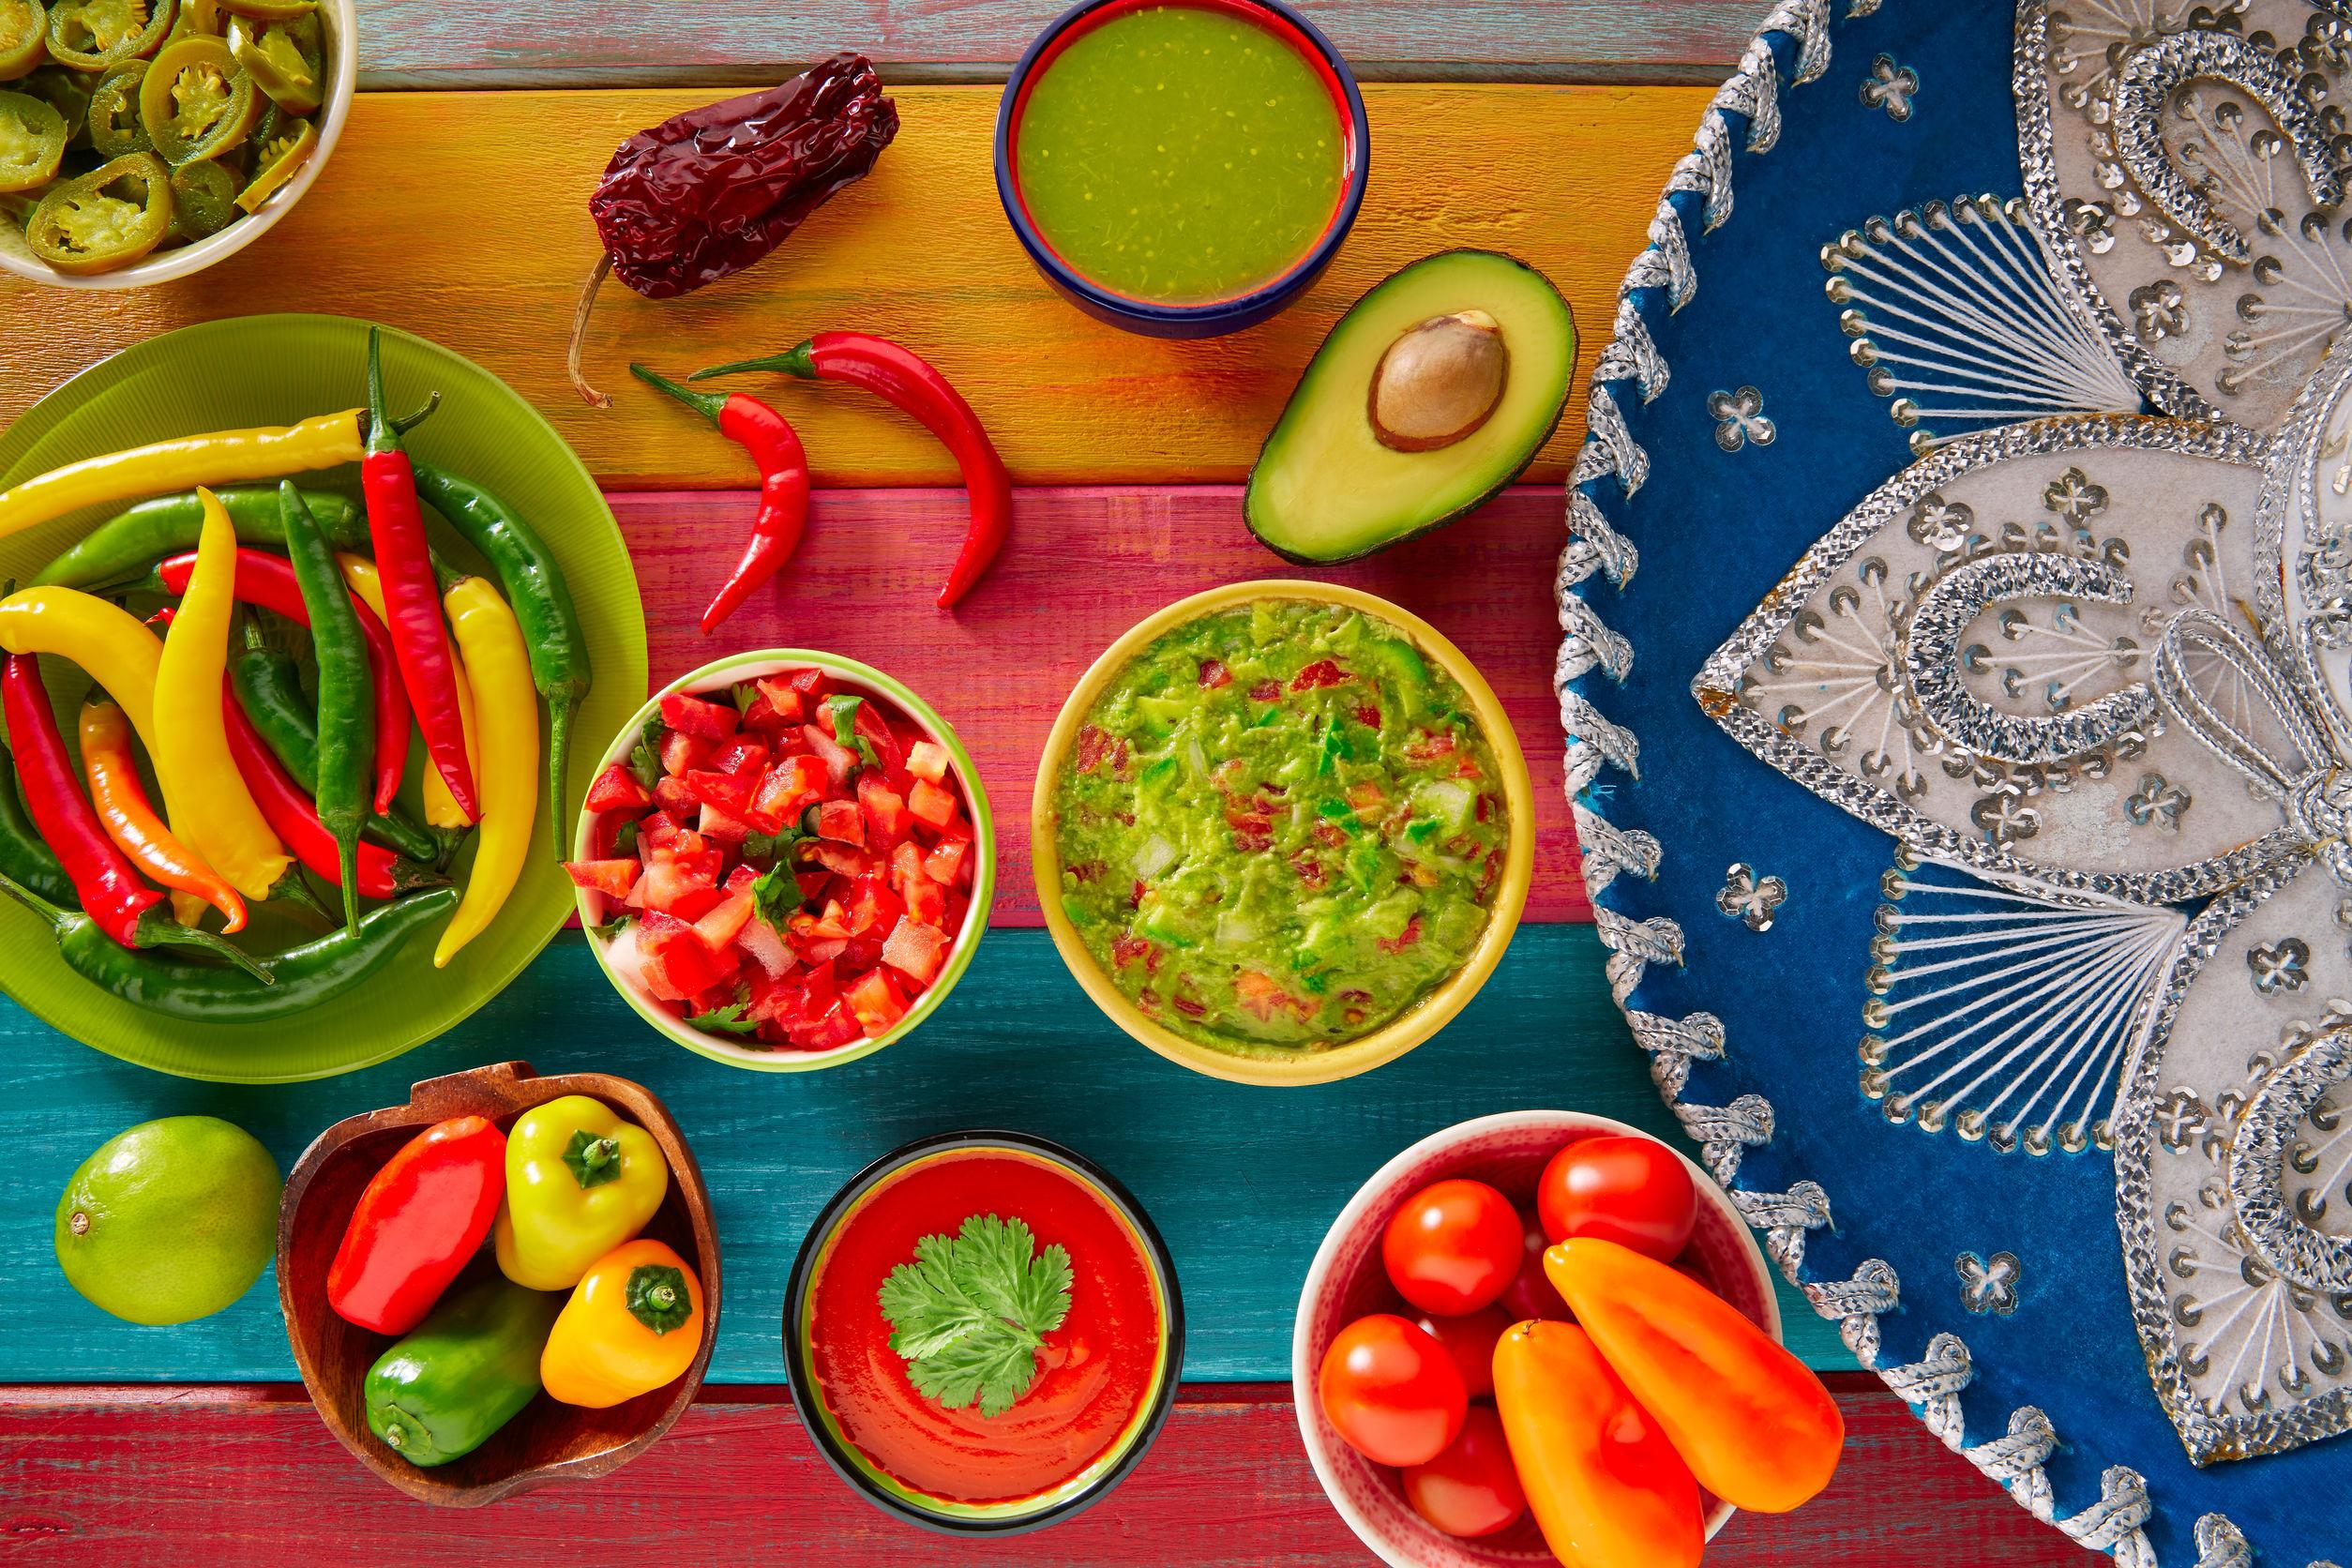 Mexická kuchyňa - Carpaccio tortillas, Pico de Gallo, Guacamole